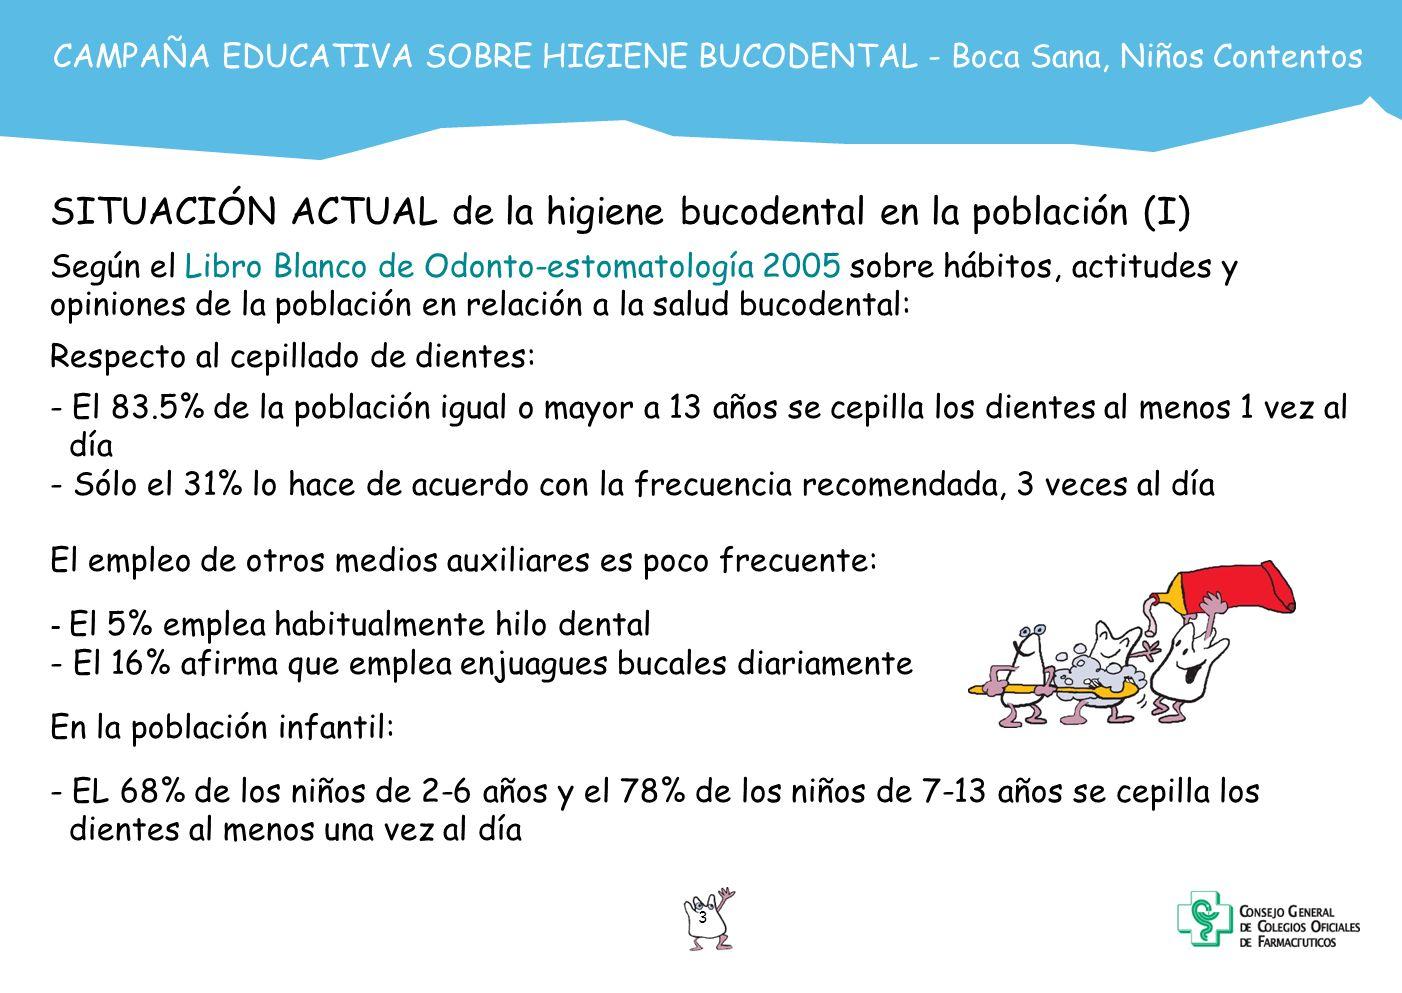 CAMPAÑA EDUCATIVA SOBRE HIGIENE BUCODENTAL - Boca Sana, Niños Contentos 4 SITUACIÓN ACTUAL de la higiene bucodental en la población (II) Según la Fundación Dental Española, en el año 2001 la máxima incidencia de caries se da en la infancia: - Afecta a la mitad de los niños de 5 años - A más del 90% de los adolescentes de 15 años de edad Junto a la caries dental, la enfermedad periodontal es una de las patologías de la boca más habituales.